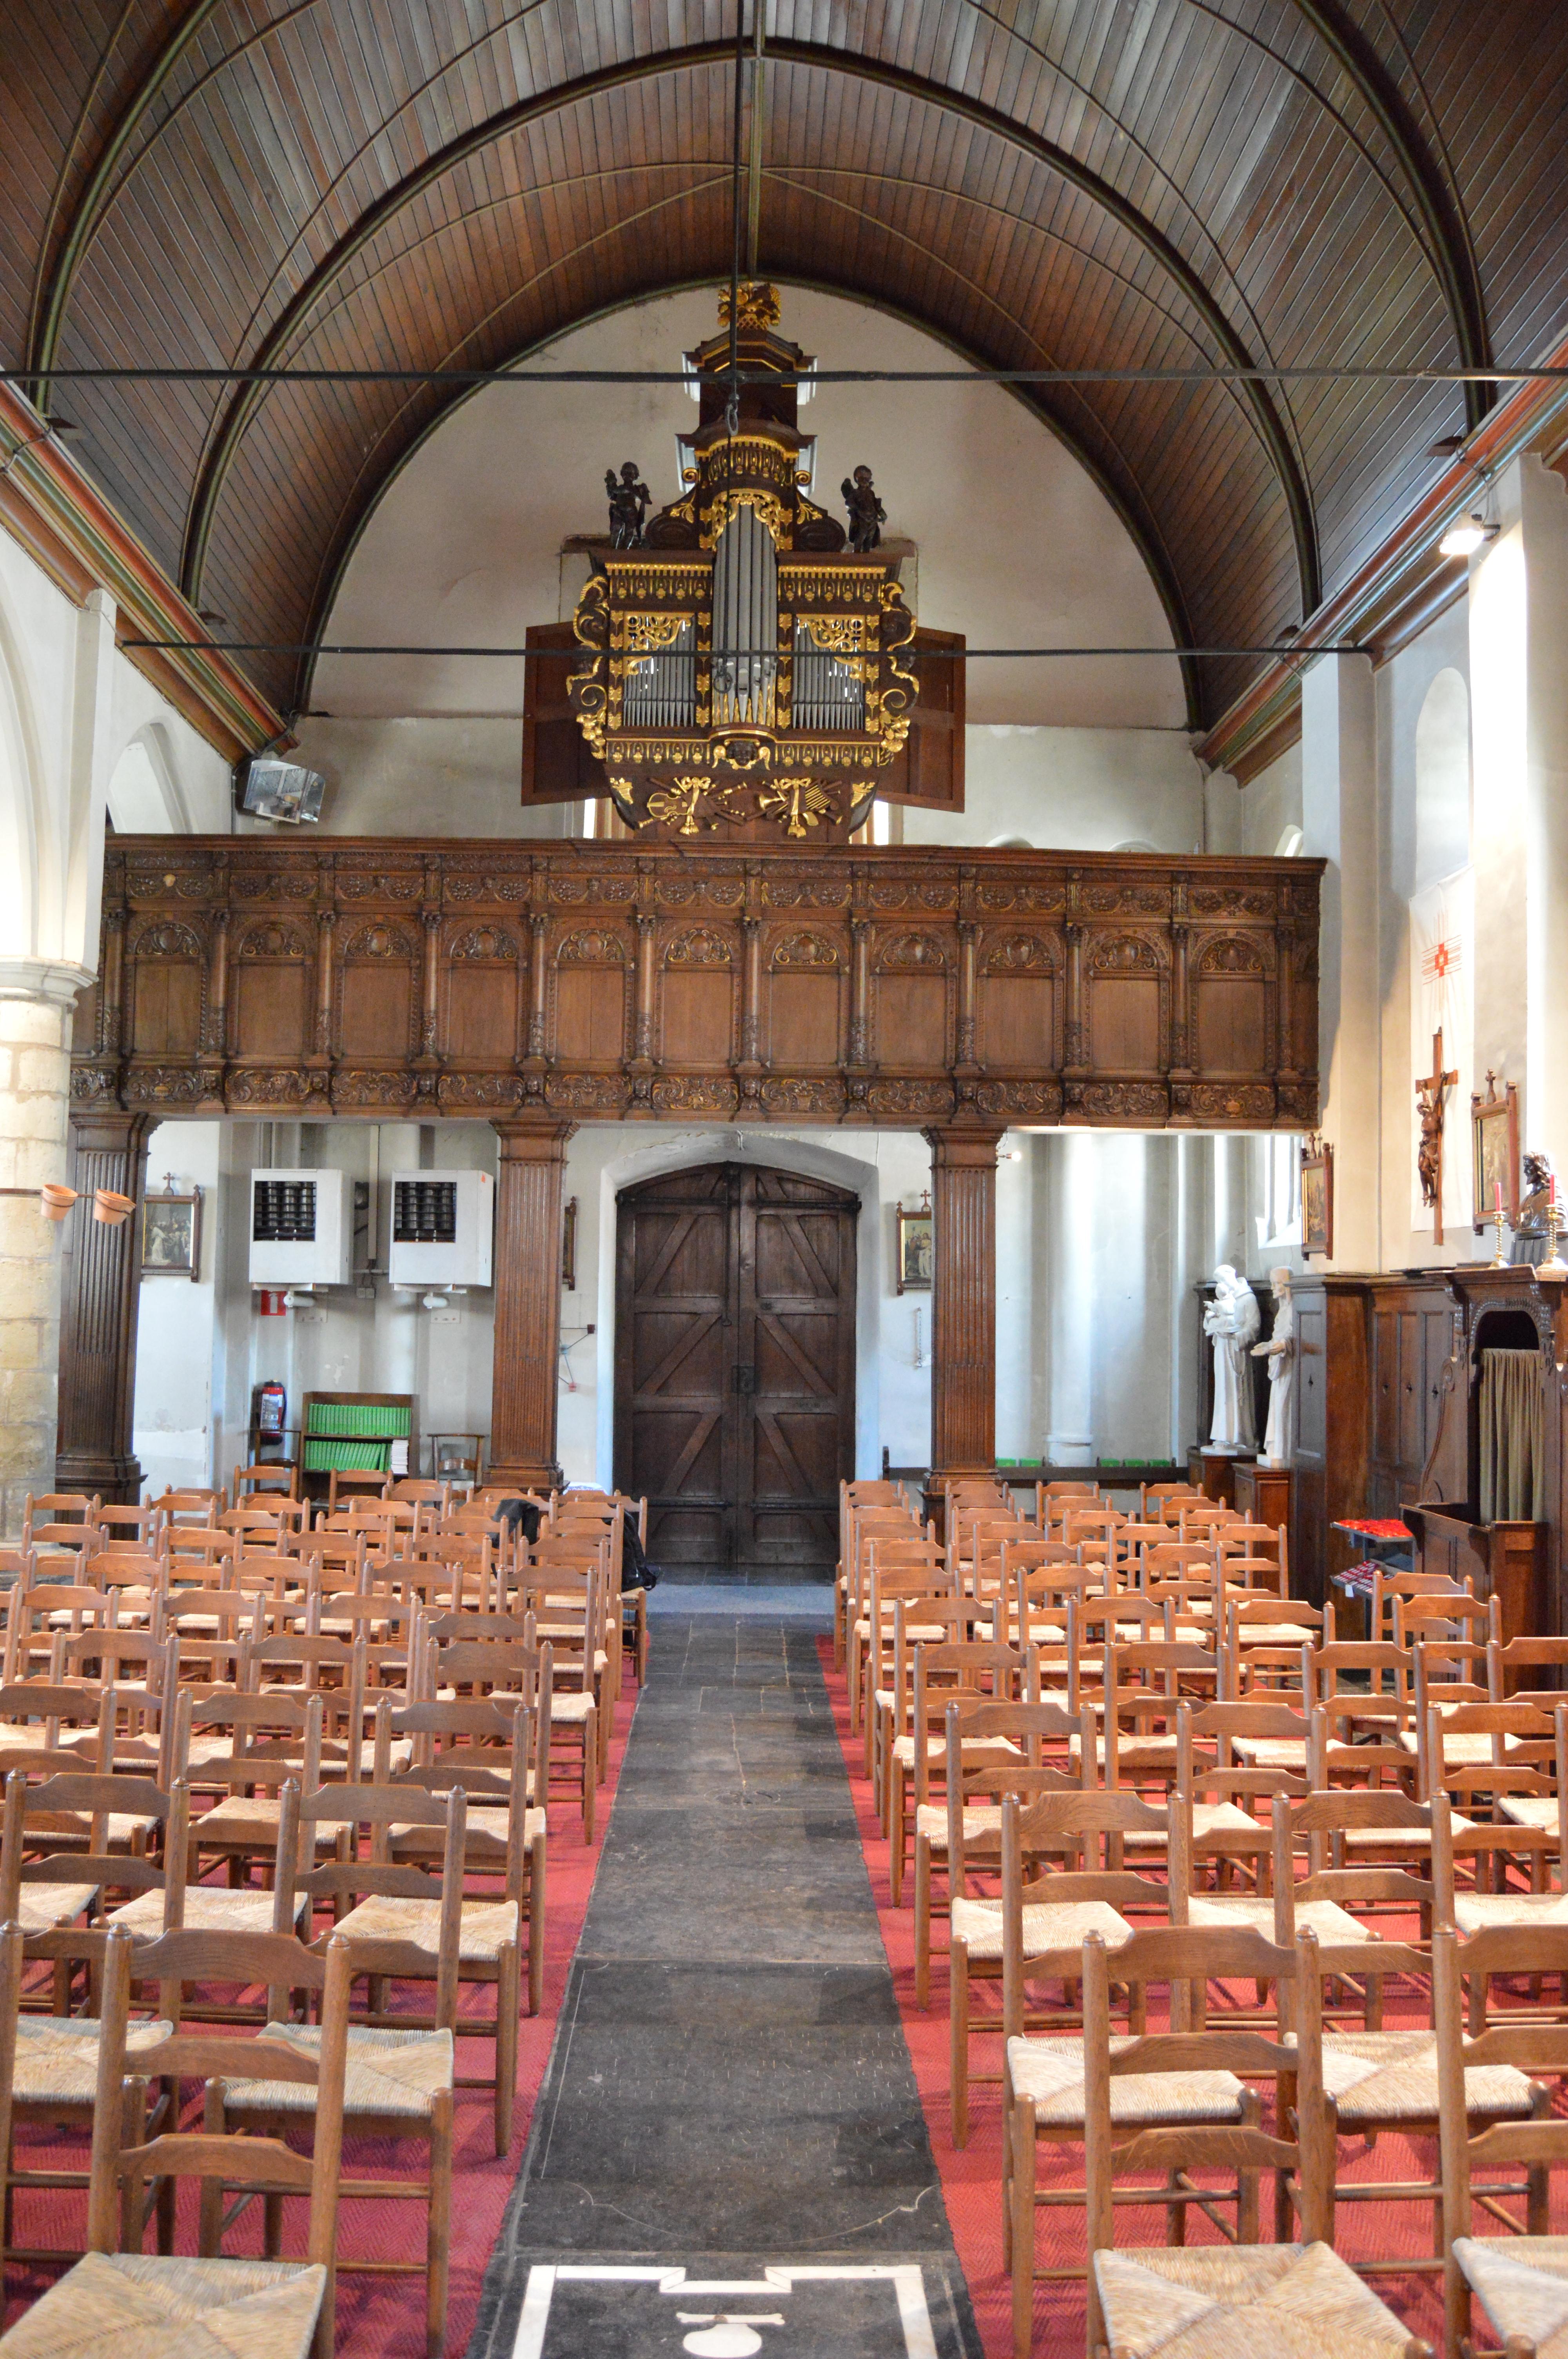 Het prachtige orgel van de kerk.  © Sarah De Smedt